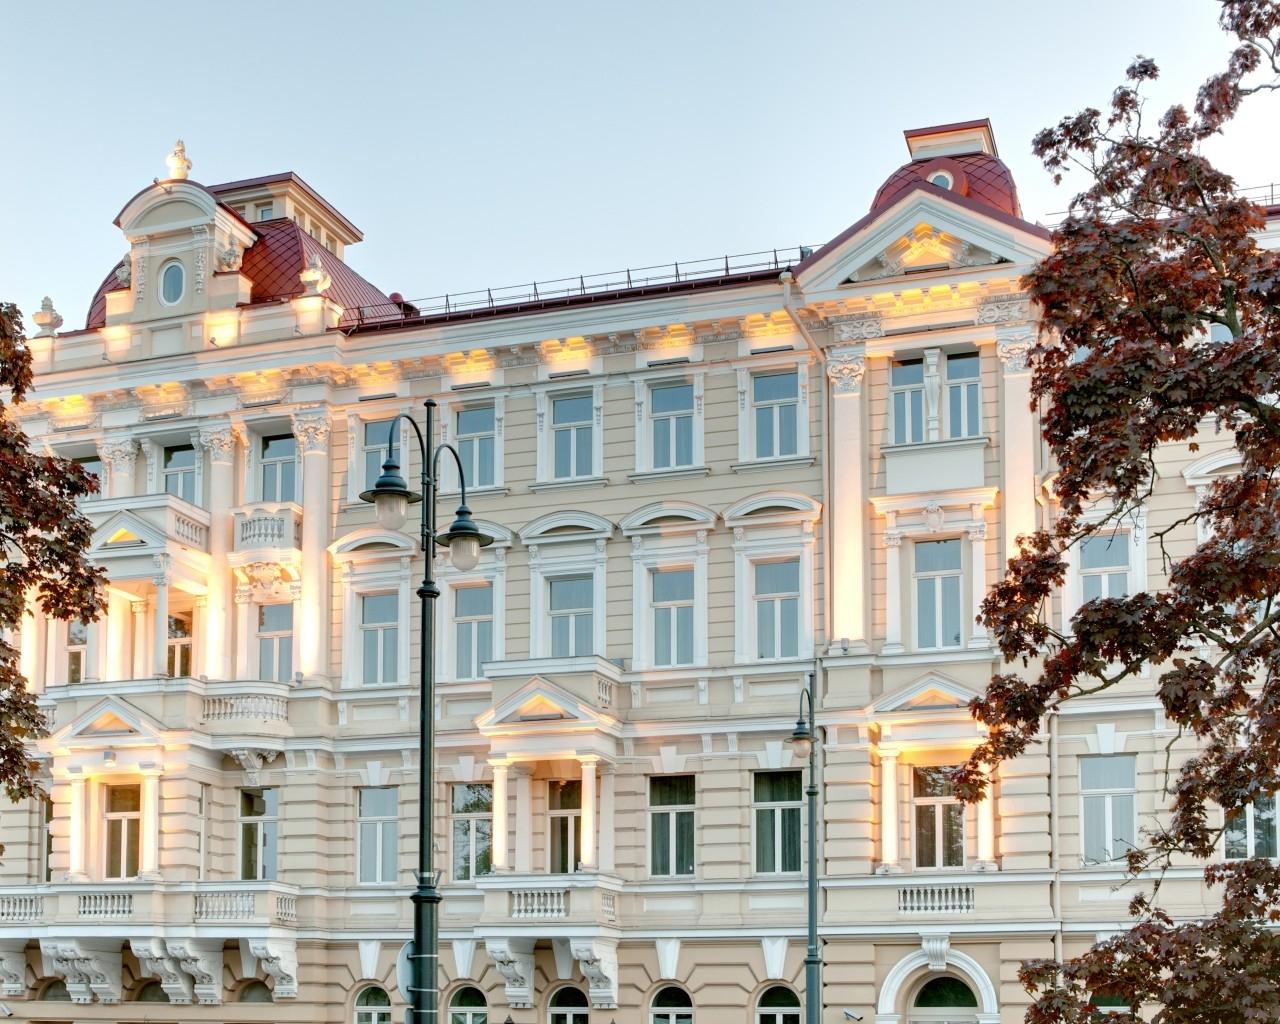 Neu eröffnet: Kempinski Hotel Cathedral Square Vilnius ist das erste Haus der Gruppe in Litauen